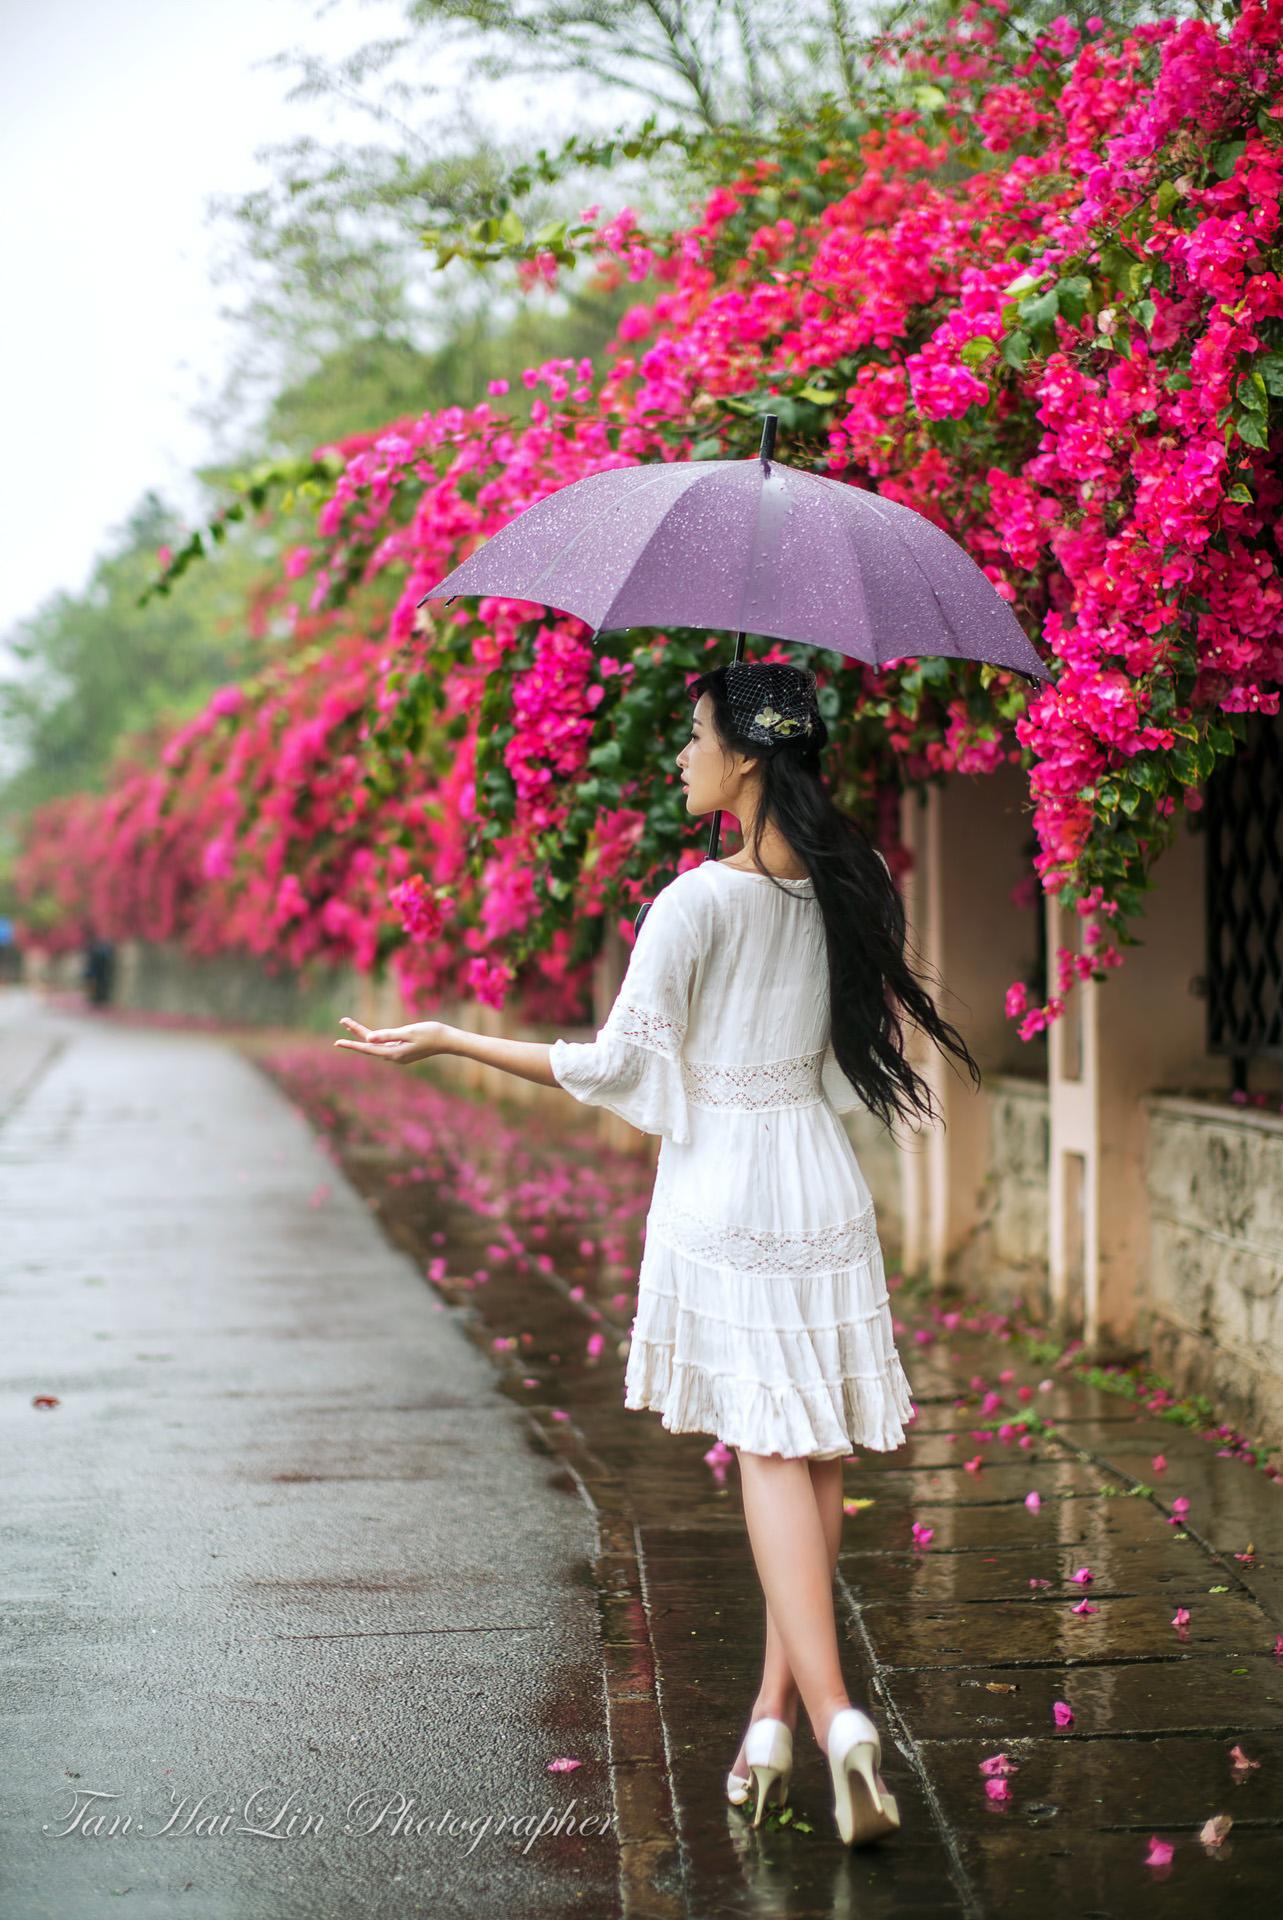 雨中梅 - 花開有聲 - 花開有聲的博客